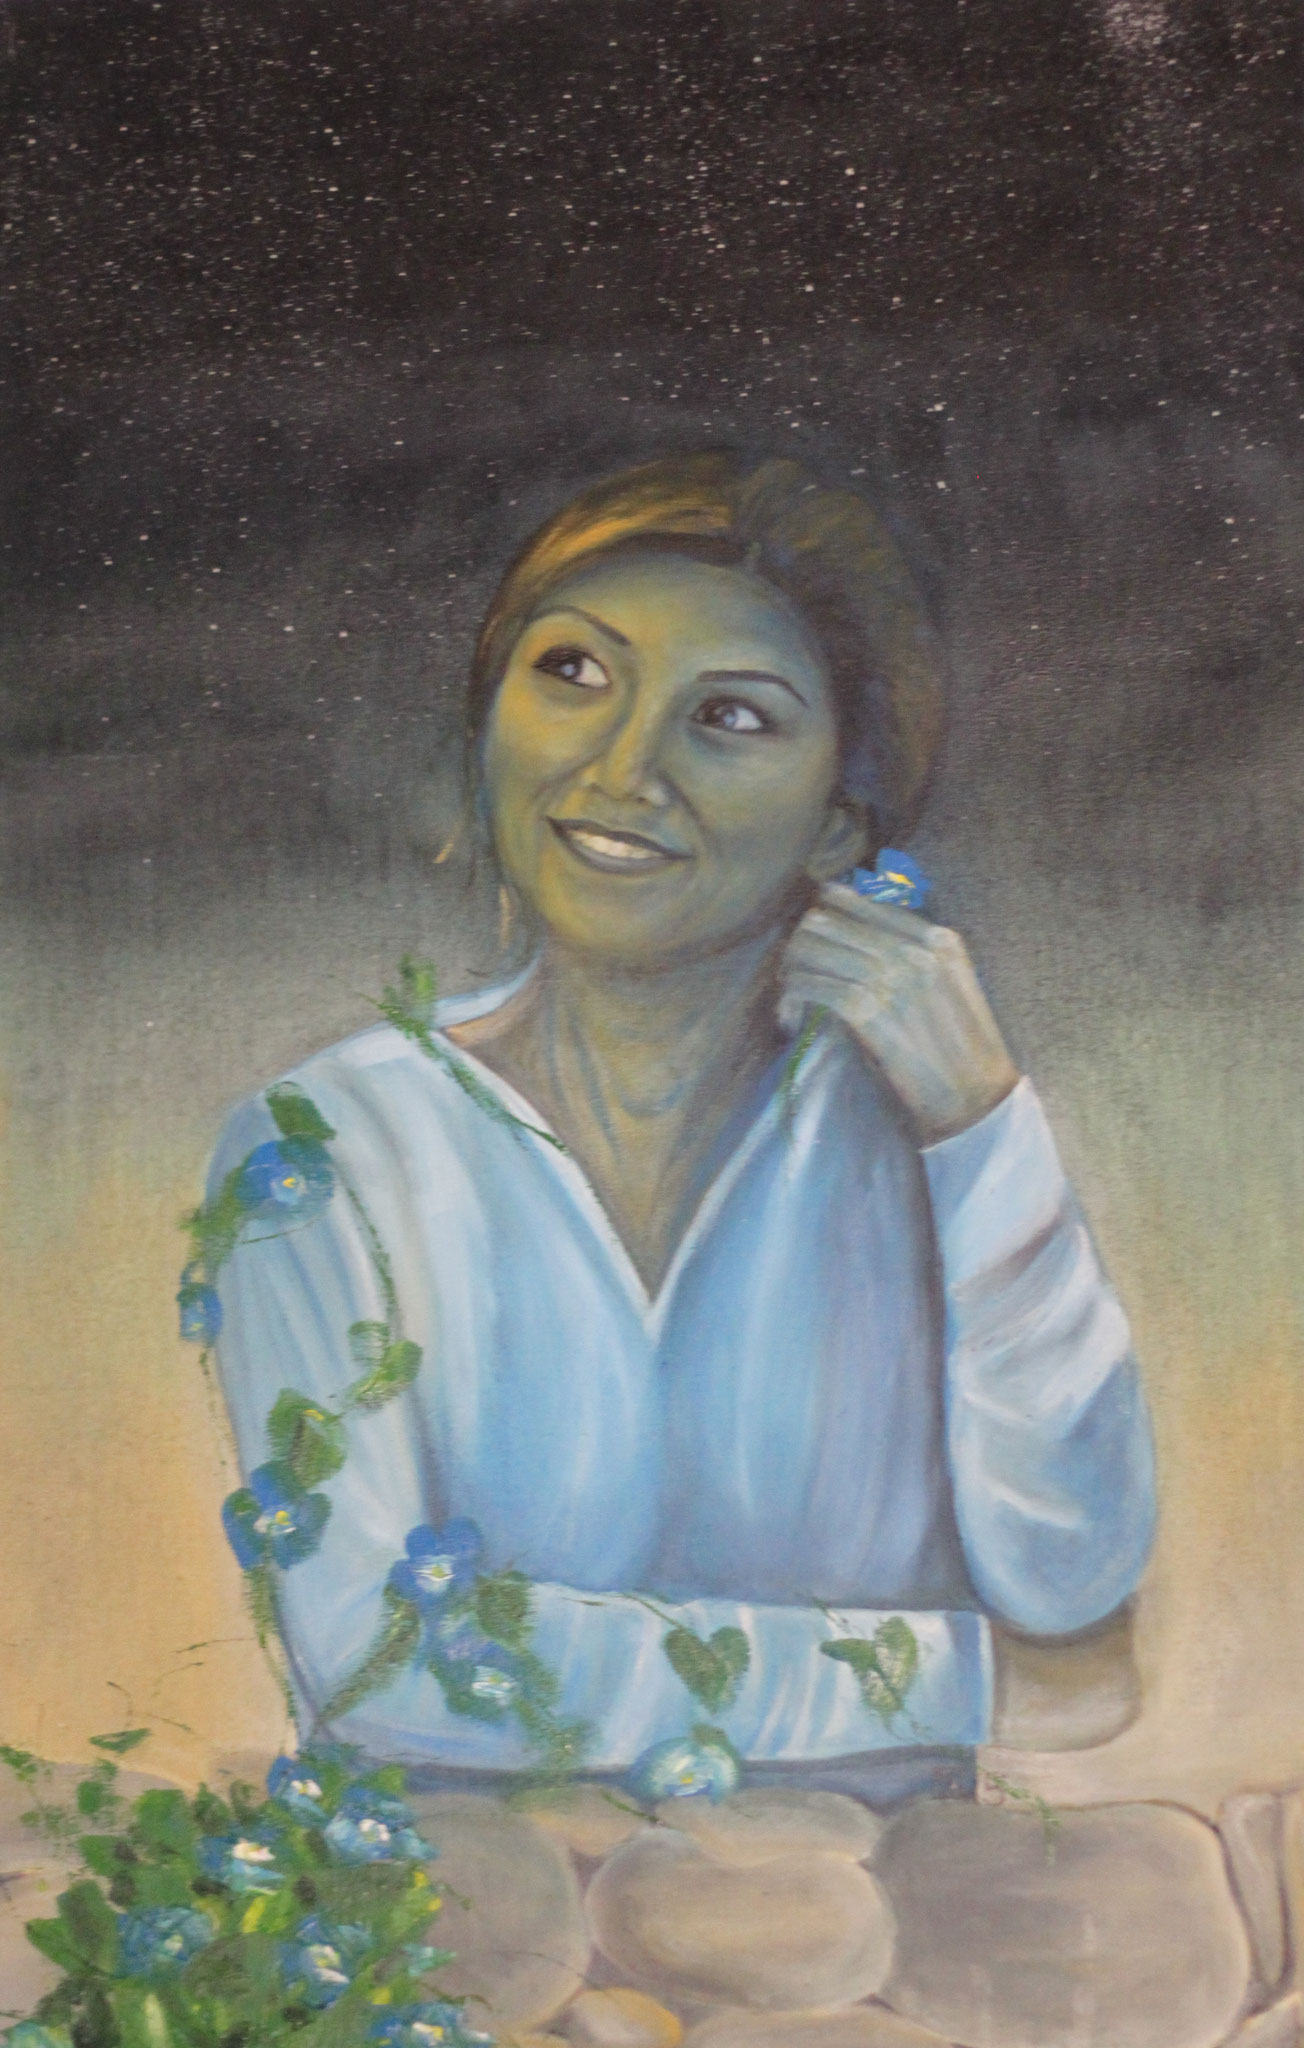 Anis, Öl auf Leinwand, 110 cm x 70 cm, 2015